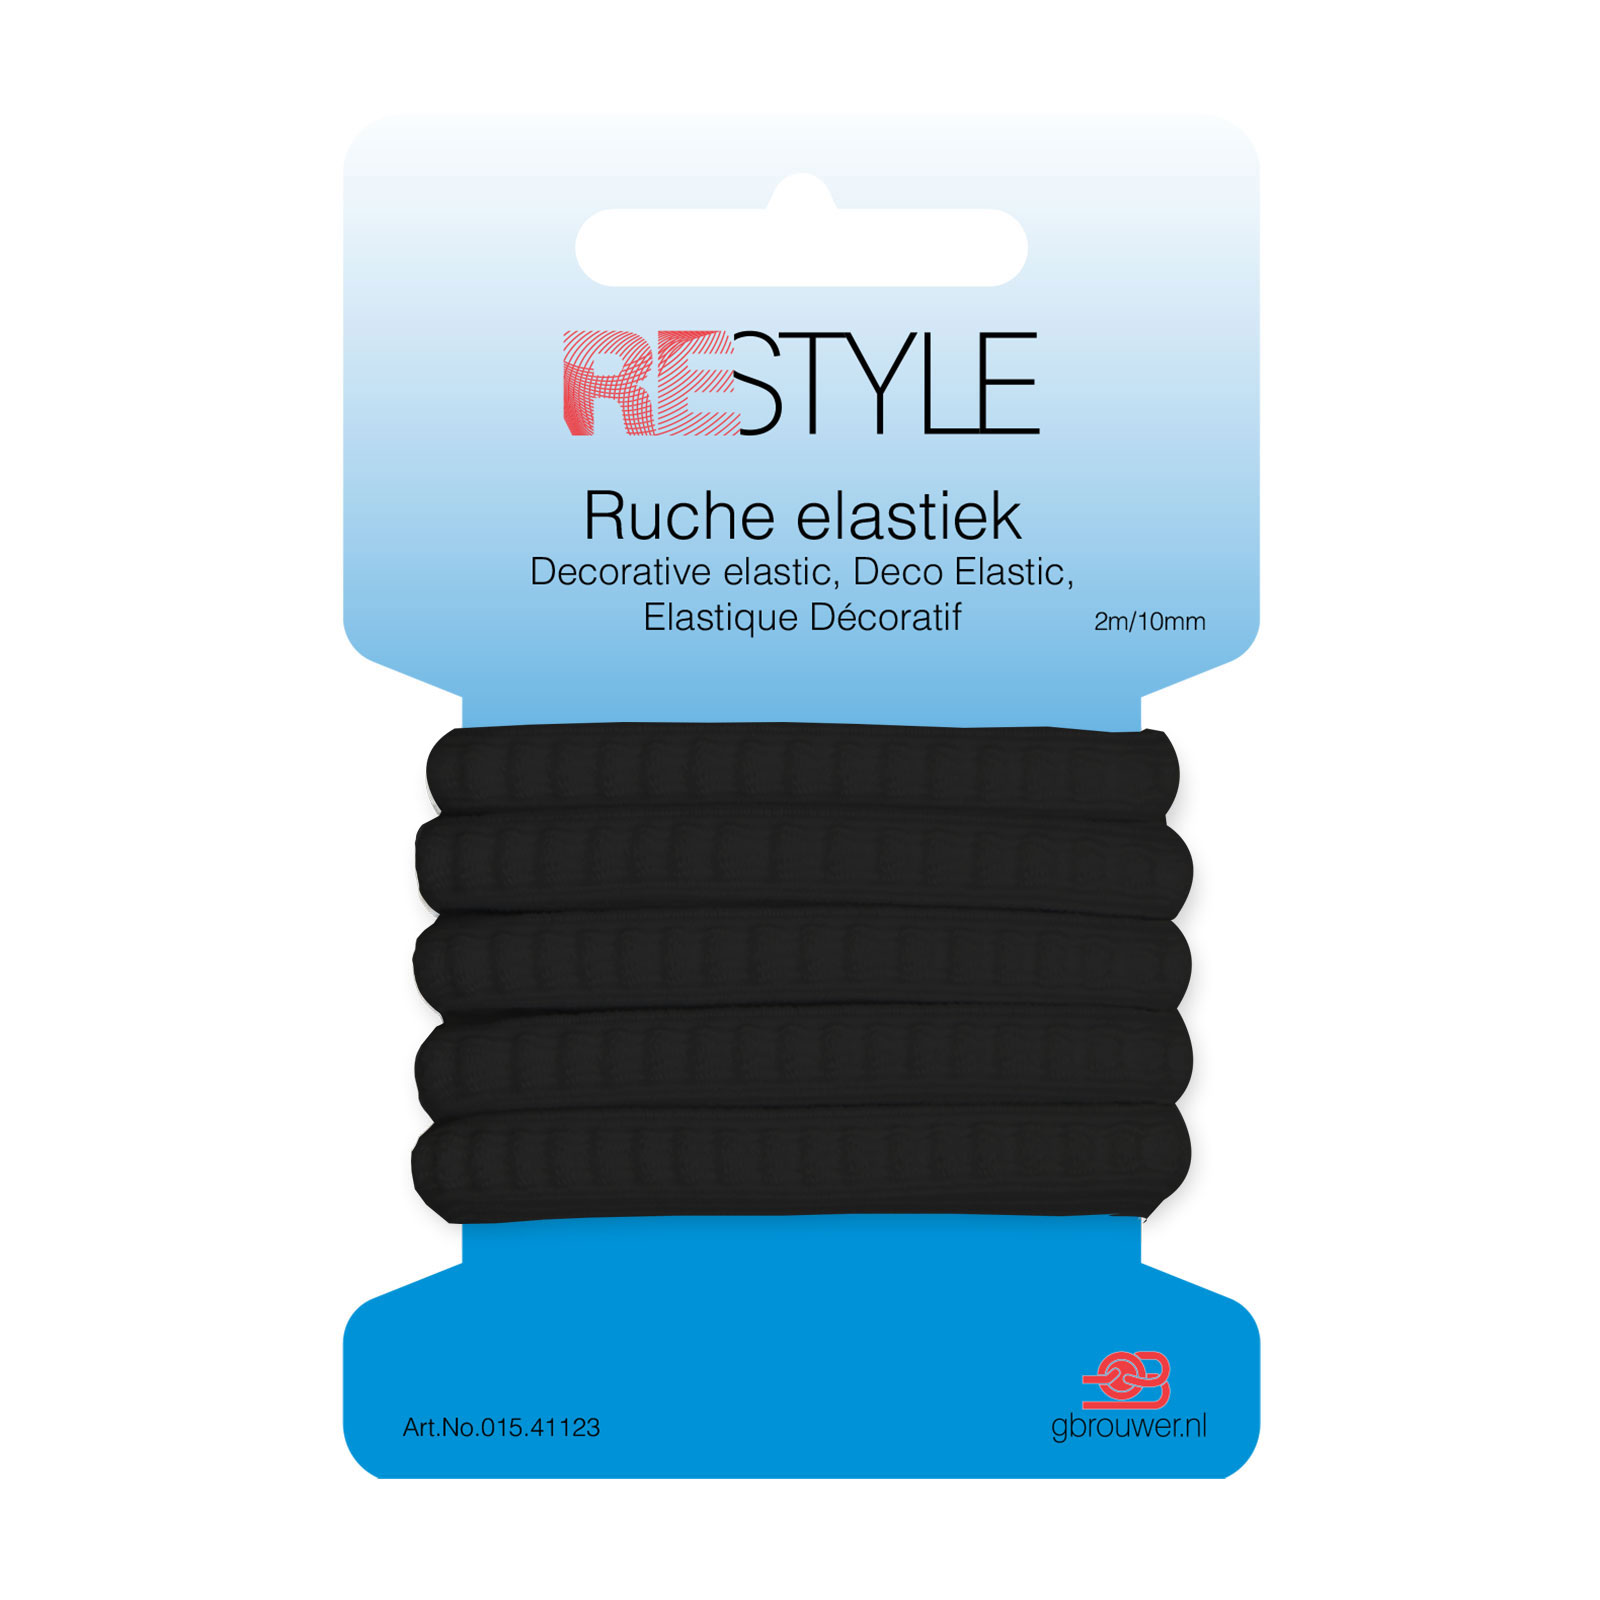 REStyle Ruche Elastiek 10mm 2m Zwart-000